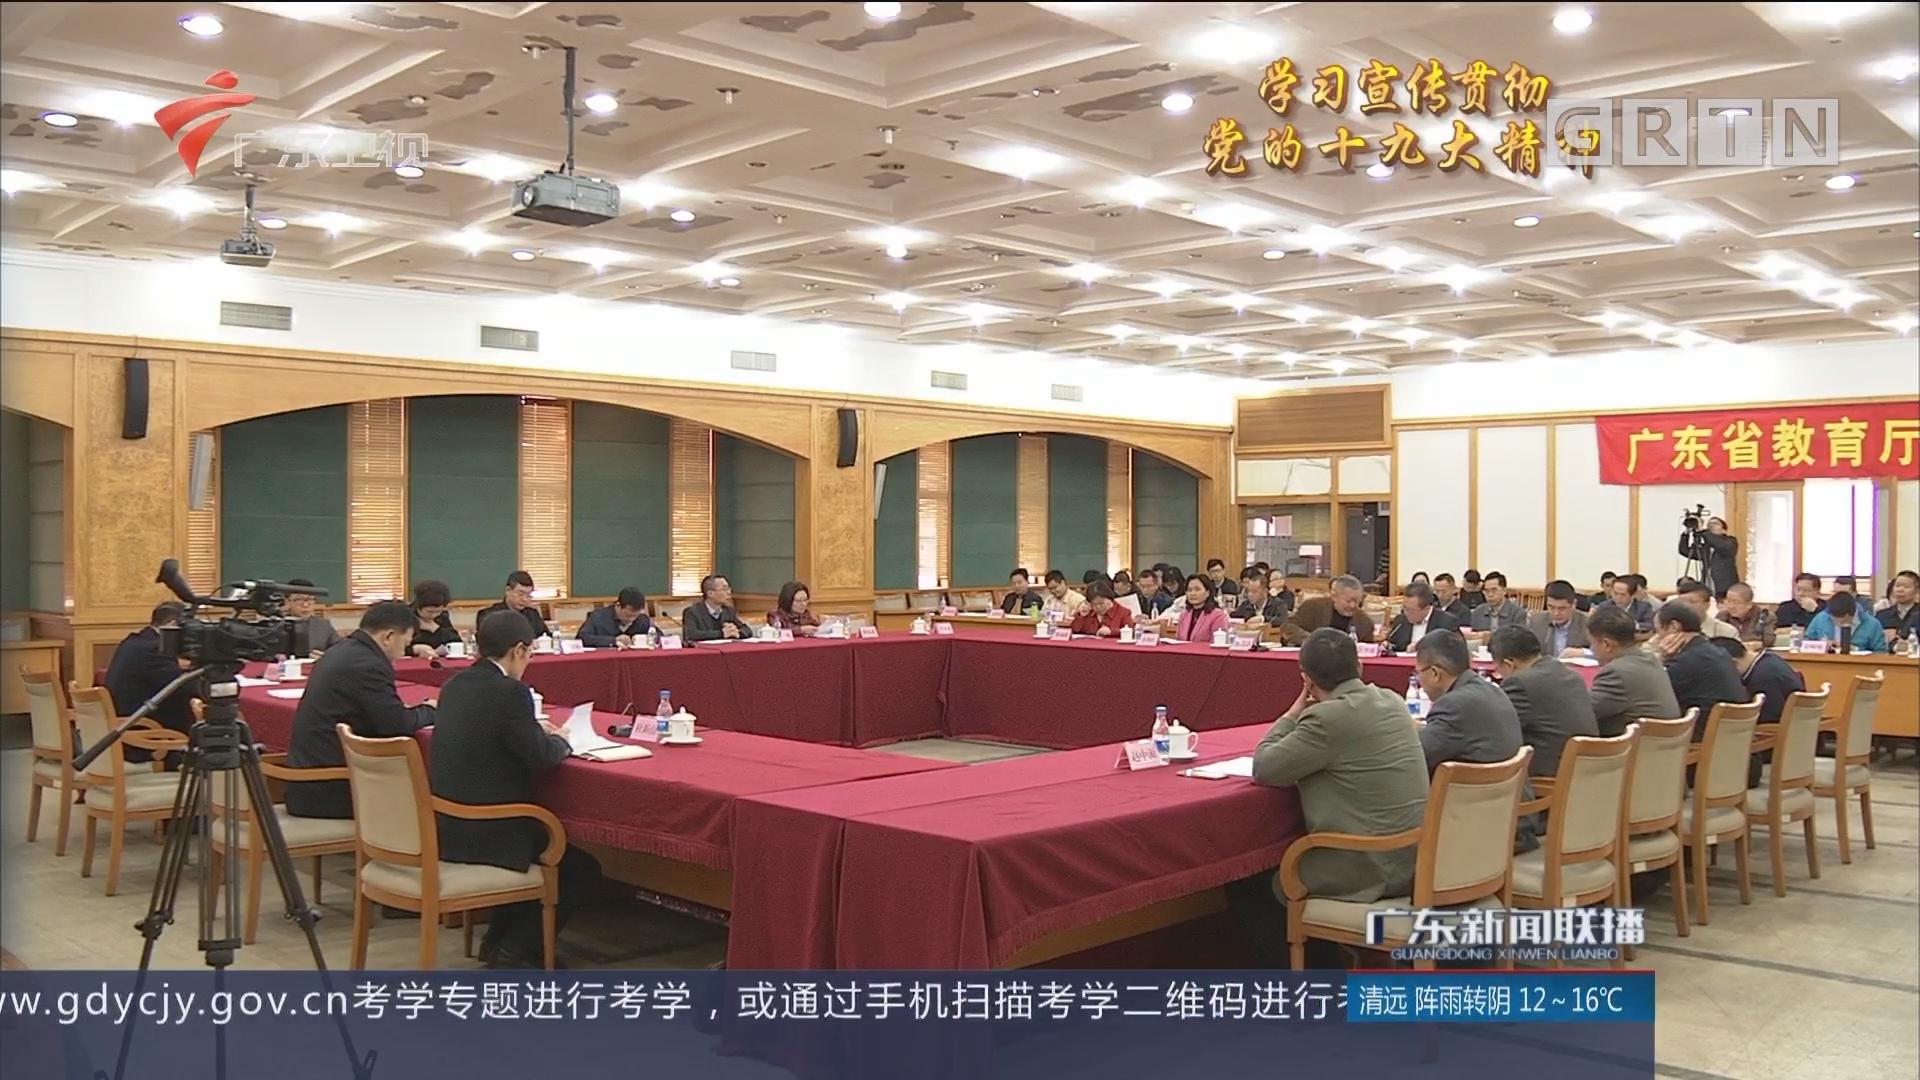 广东教育系统十九大精神宣讲团成立